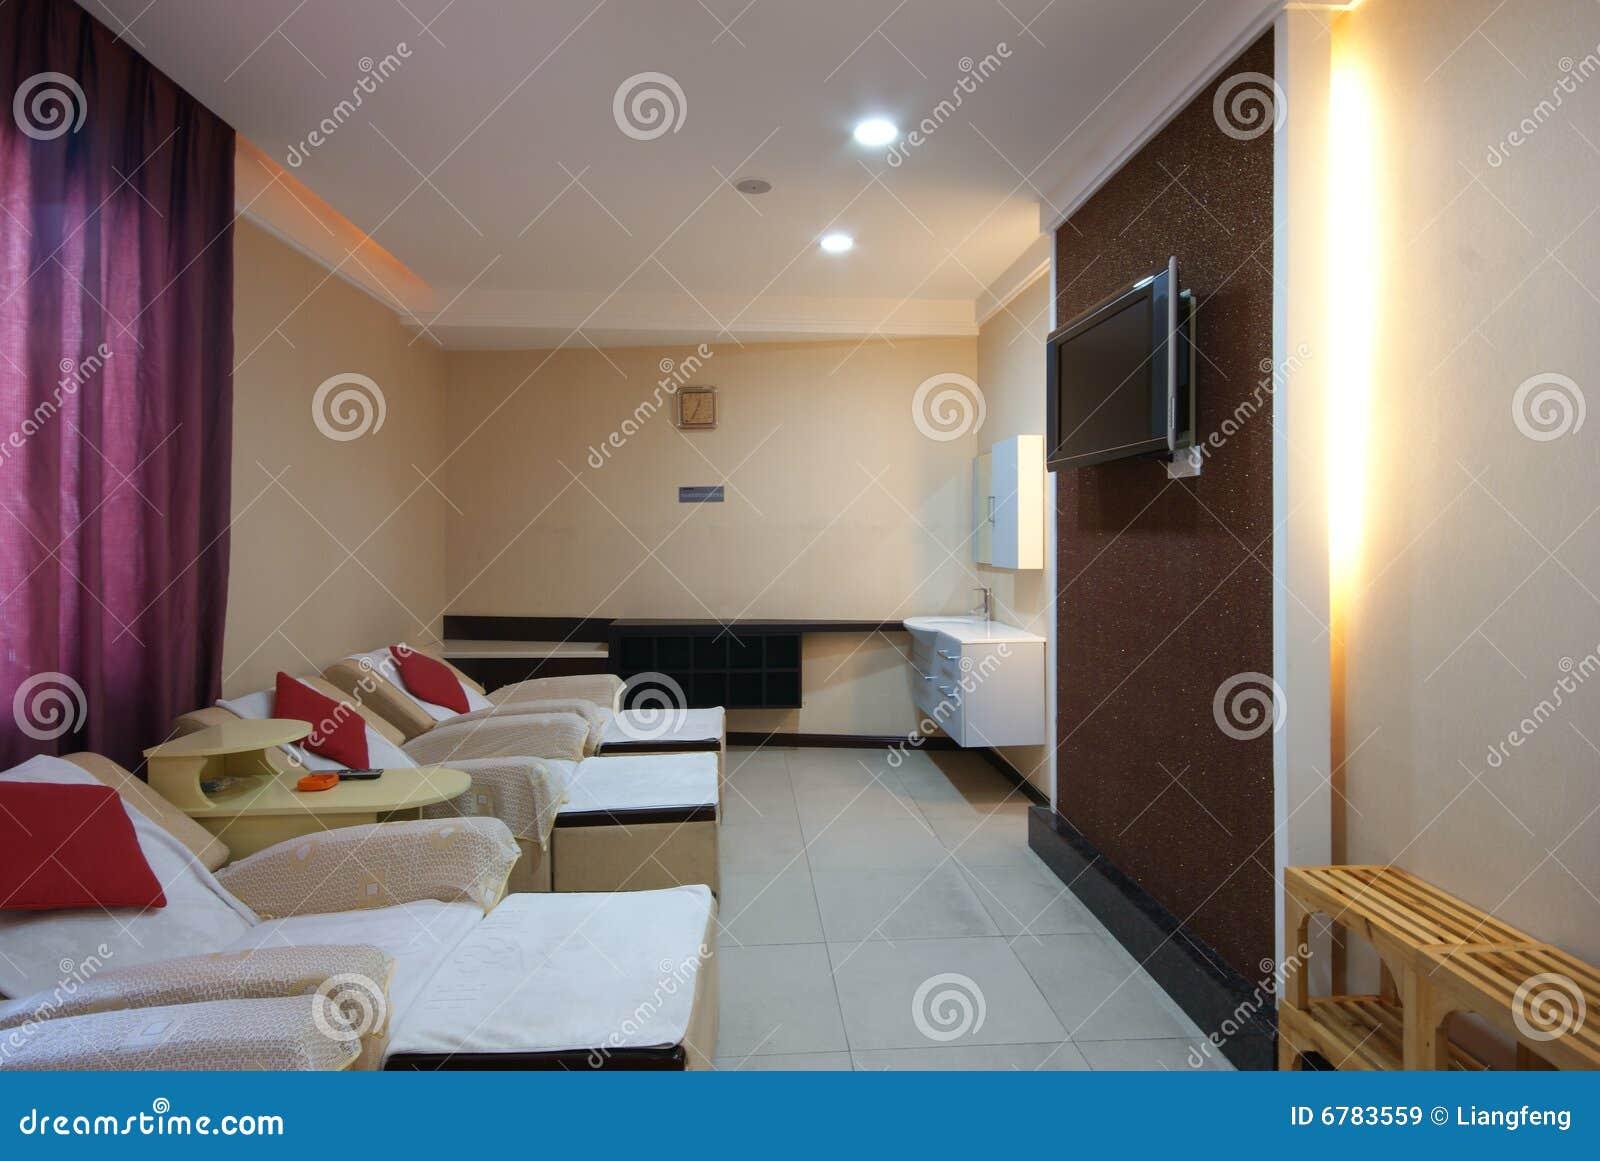 De salondecoratie van de schoonheid stock afbeelding afbeelding